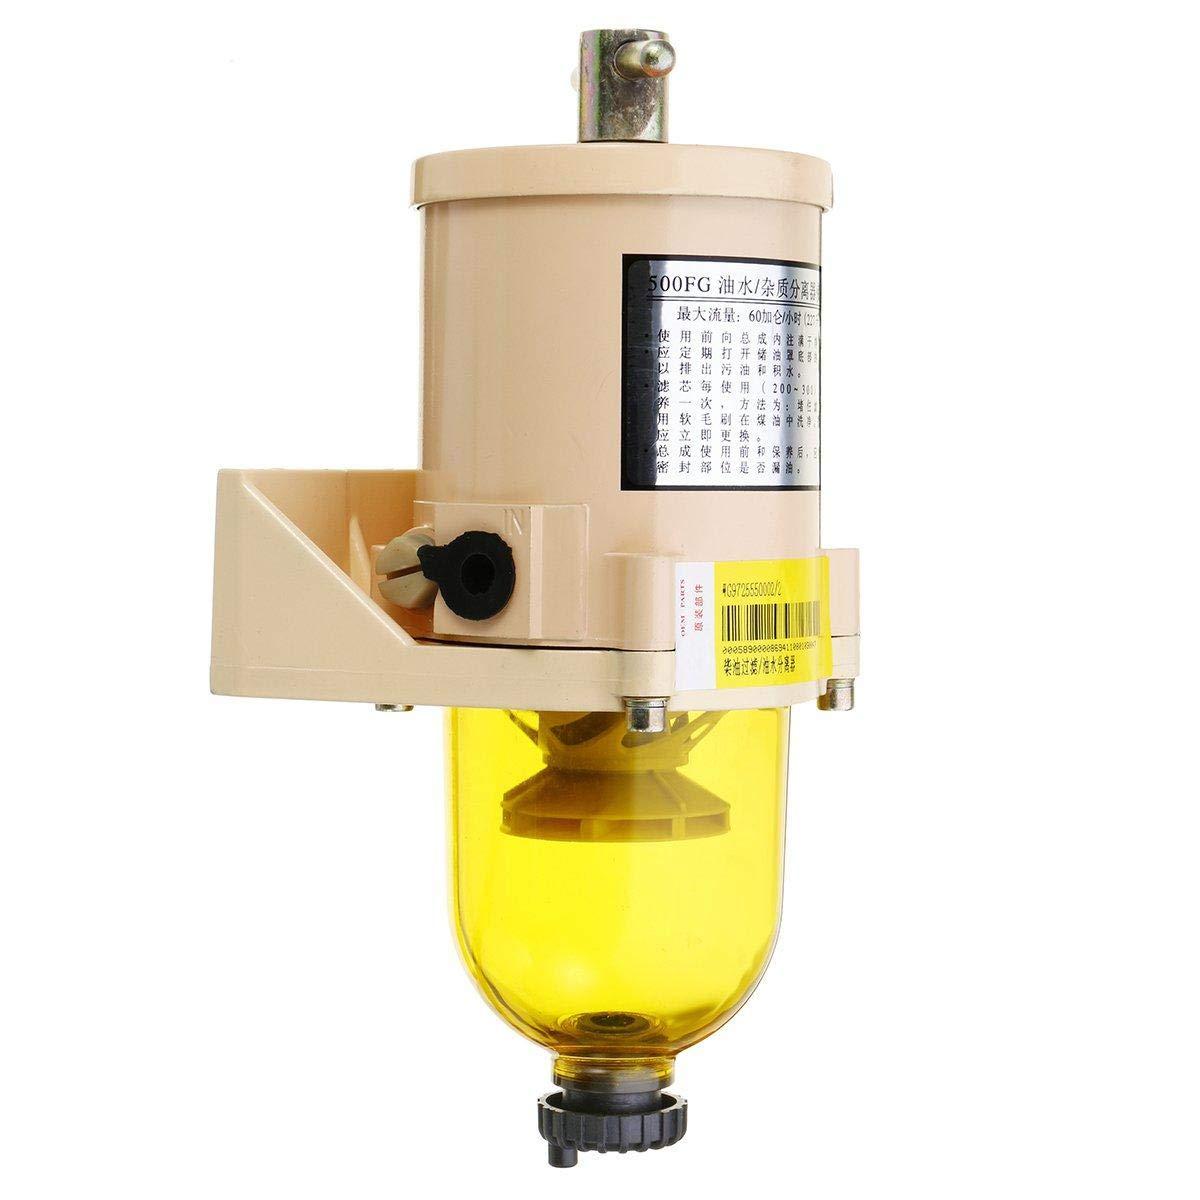 Kraftstoff 227L//H Racor Typ FG500 Dieselfilter f/ür LKW Wasserabscheider Au/ßenbord Marine